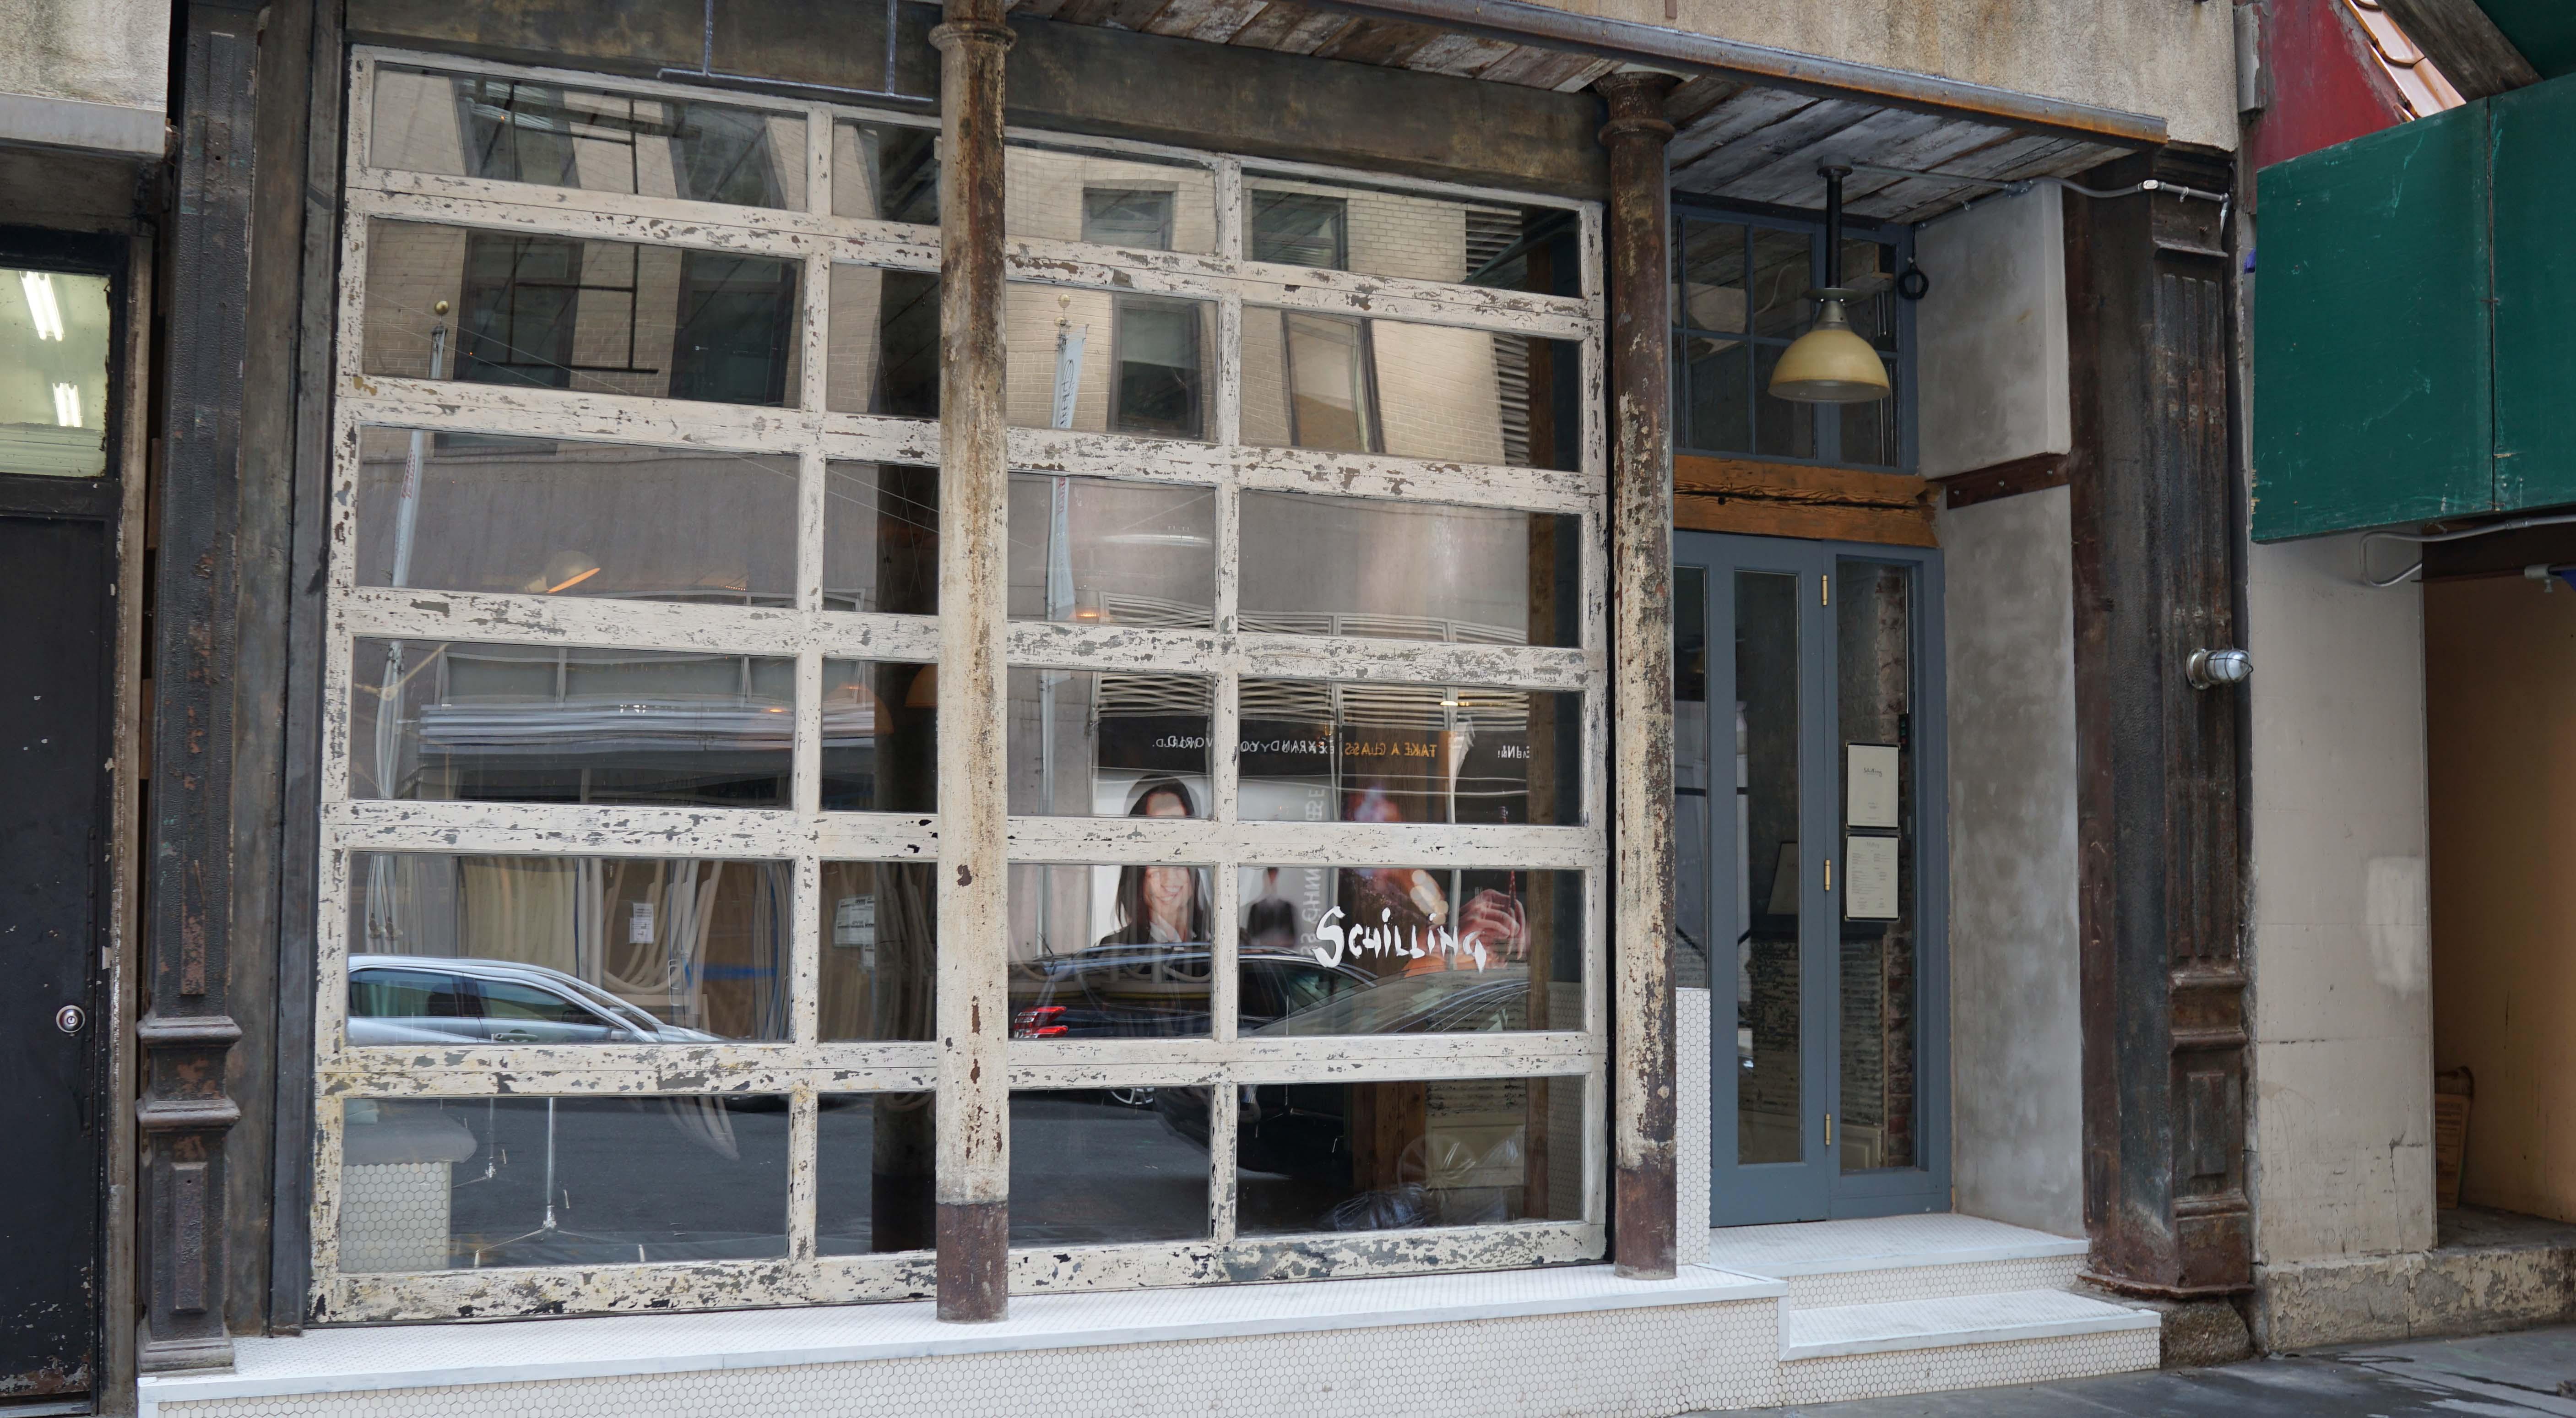 Schilling garage door